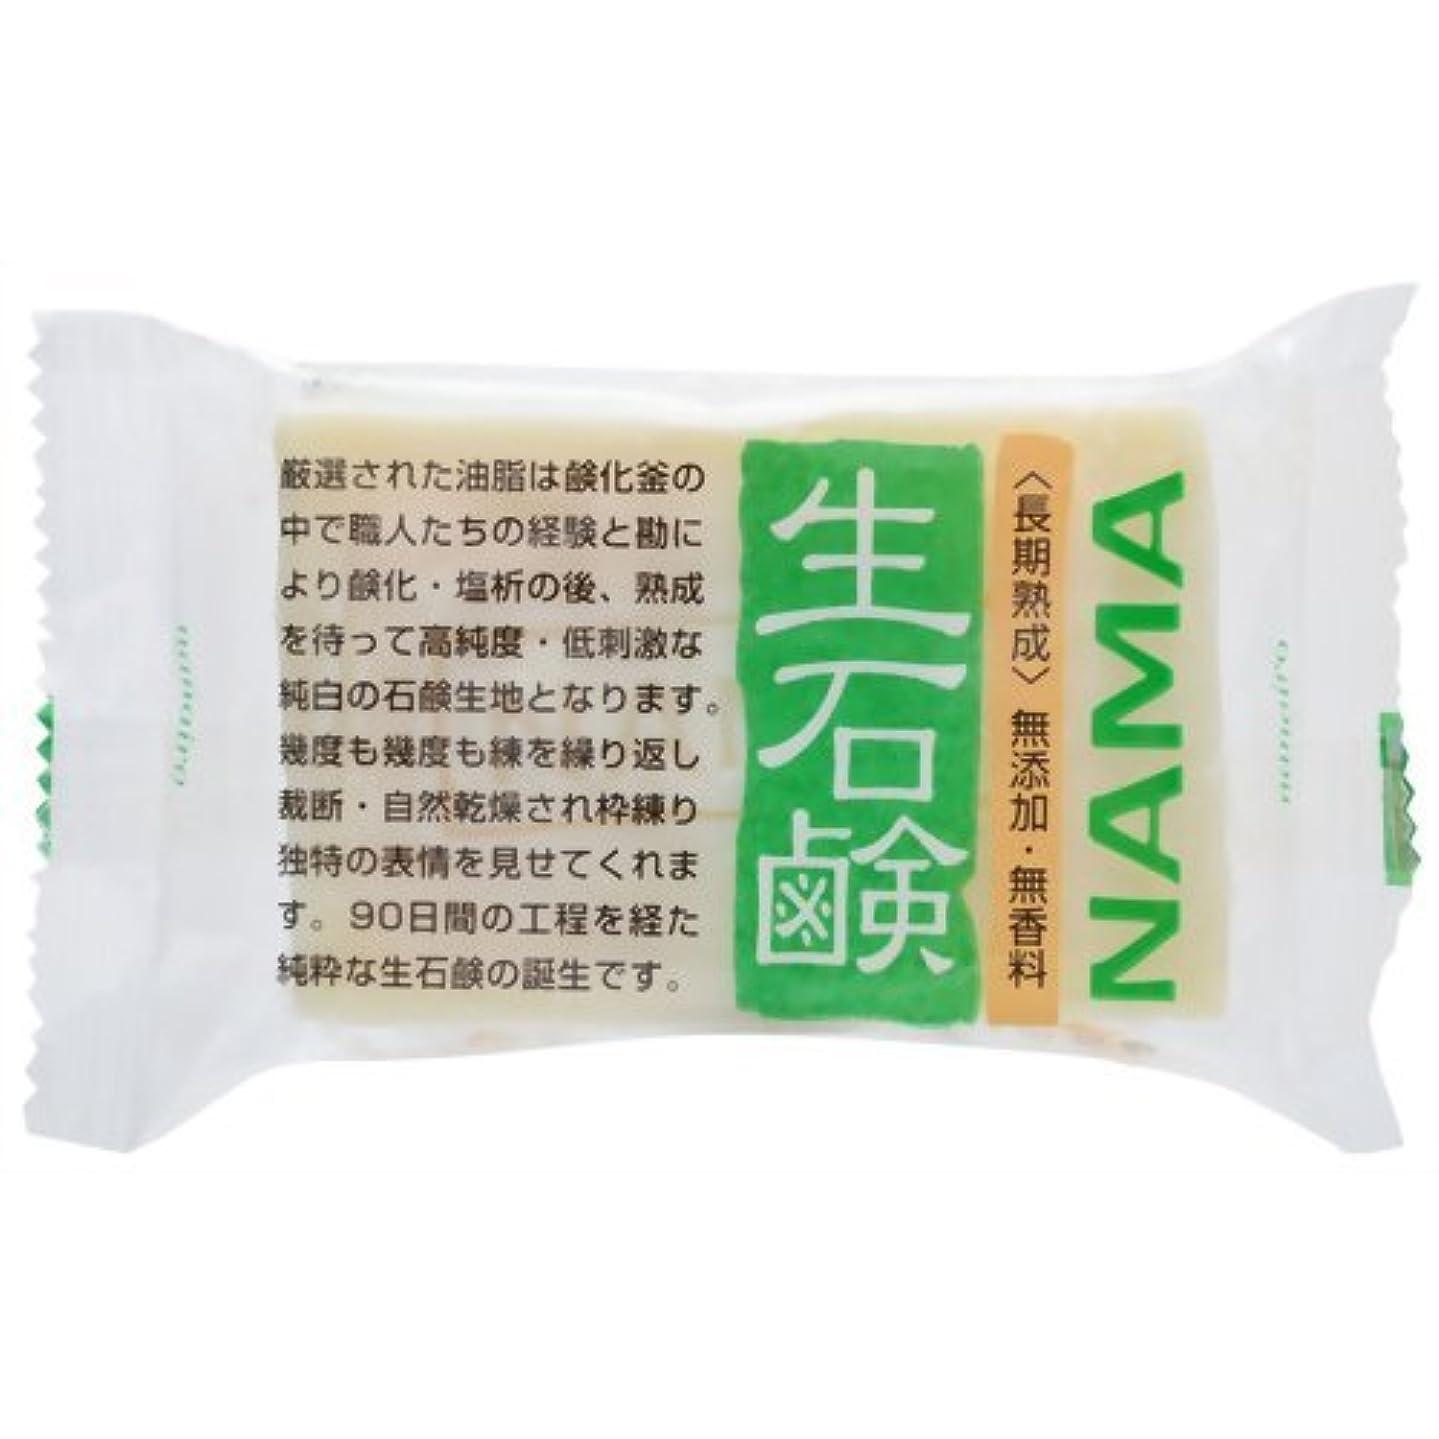 活性化暗殺する振り子生石鹸NAMA 100g